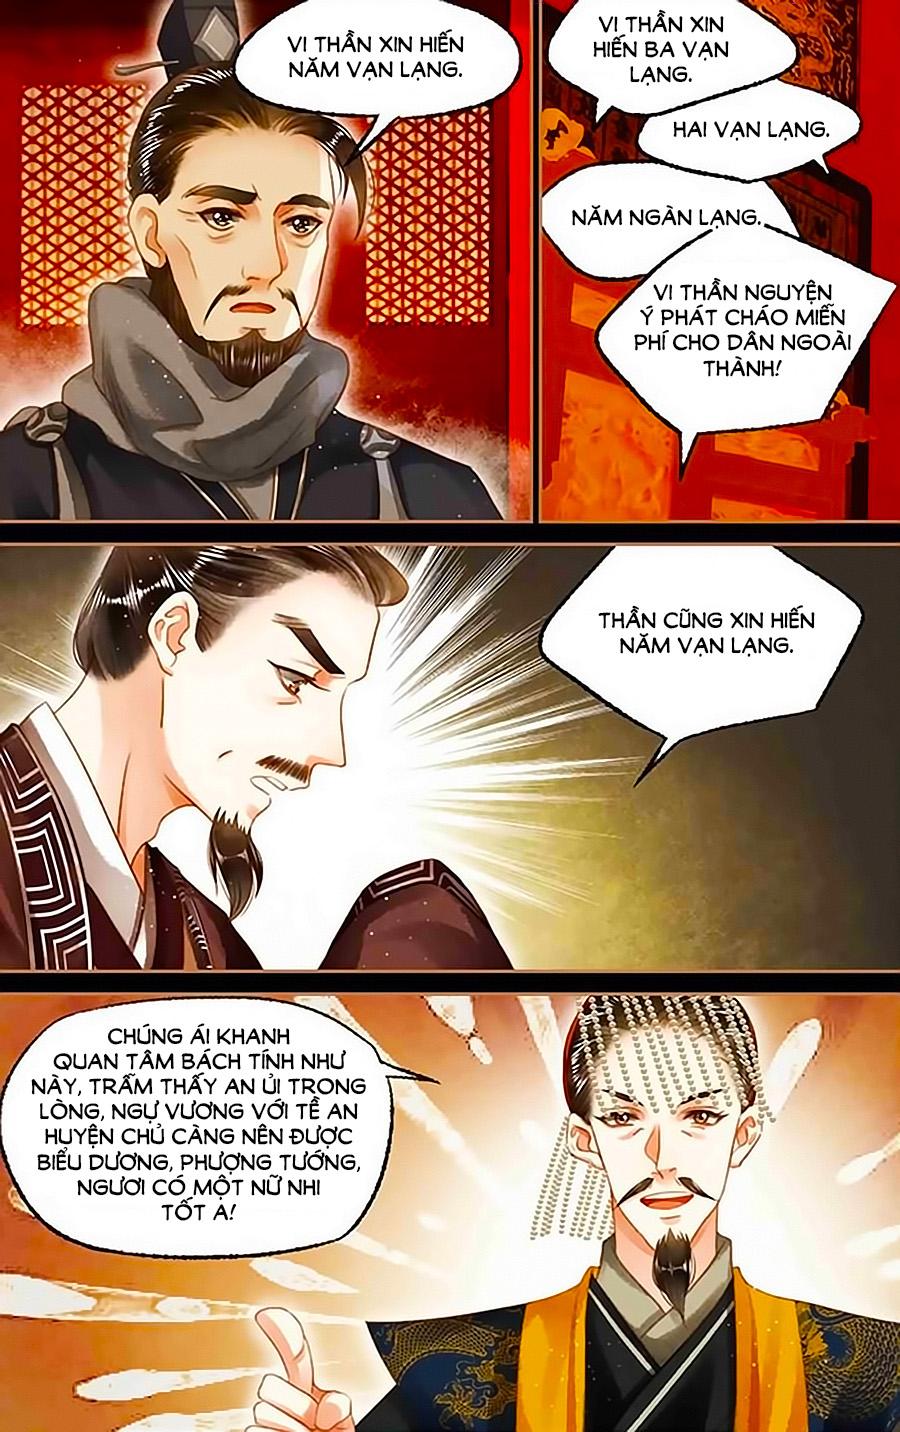 Thần Y Đích Nữ chap 104 - Trang 6